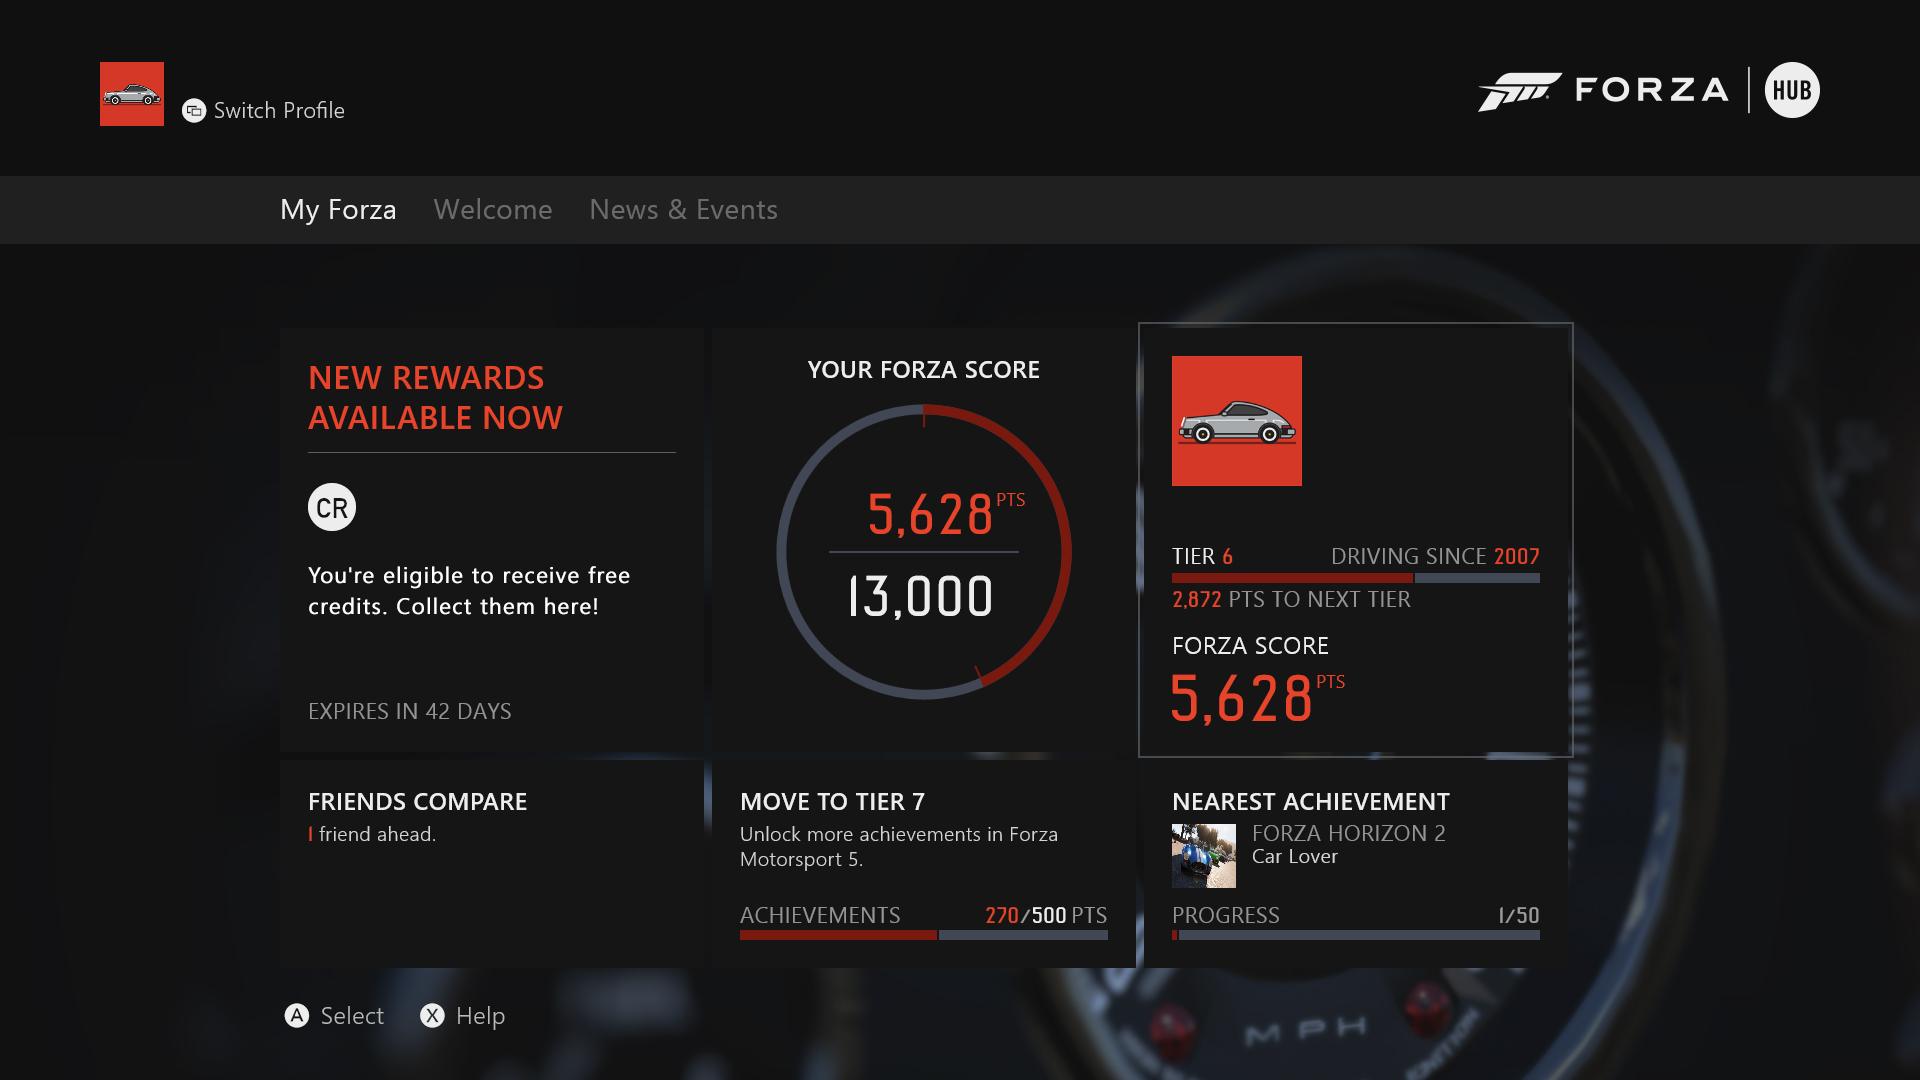 Forza Hub 30-09-14 002